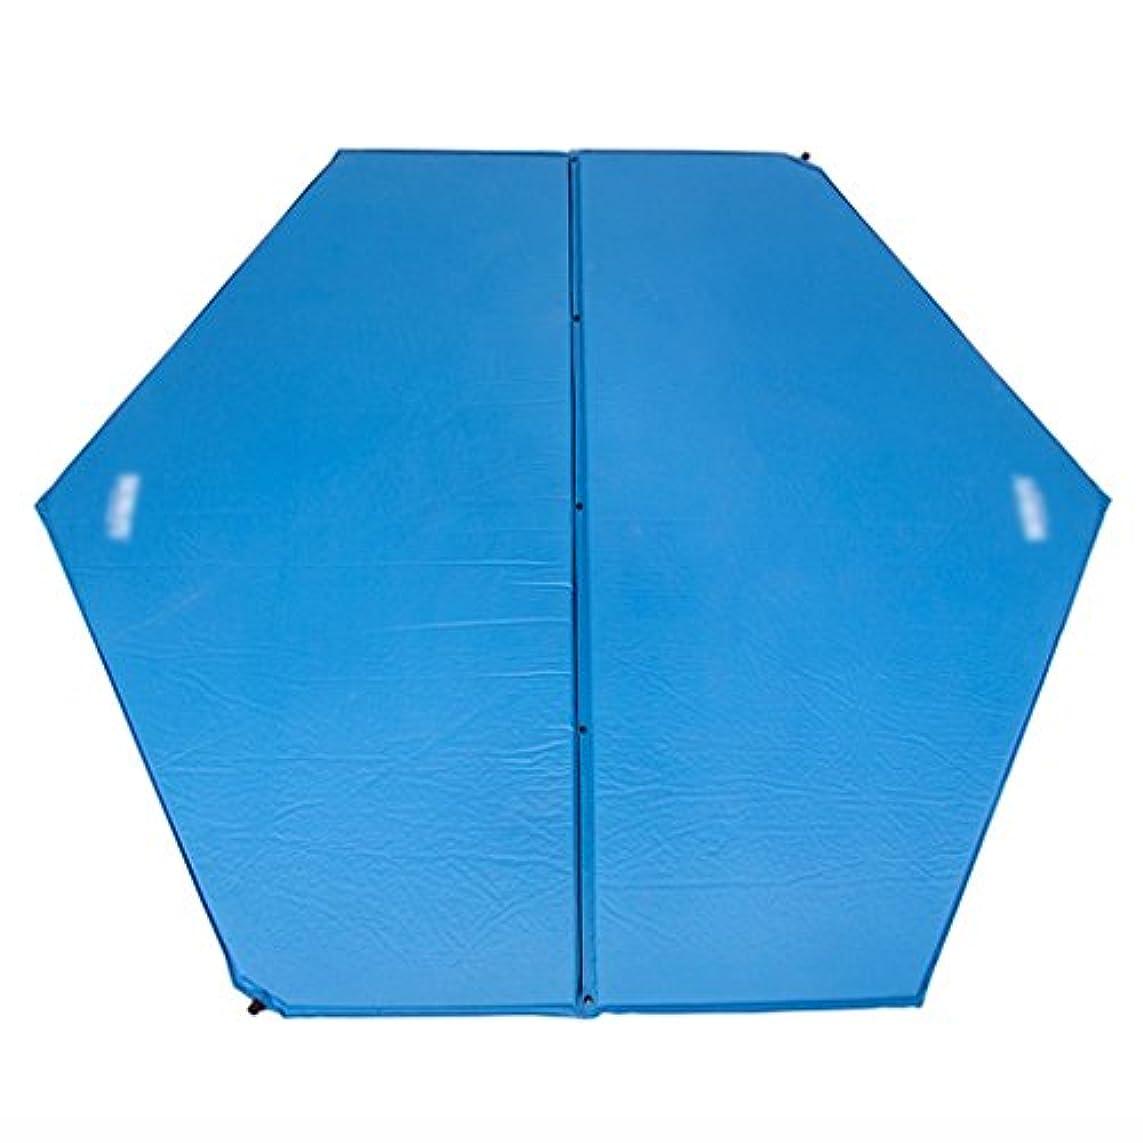 アノイ承認するフェデレーションピクニックマット 自動インフレータブルクッションモイスチャライザーマットピクニックキャンプ屋外テントスリーピングパッドヘキサゴンエアベッドブルー